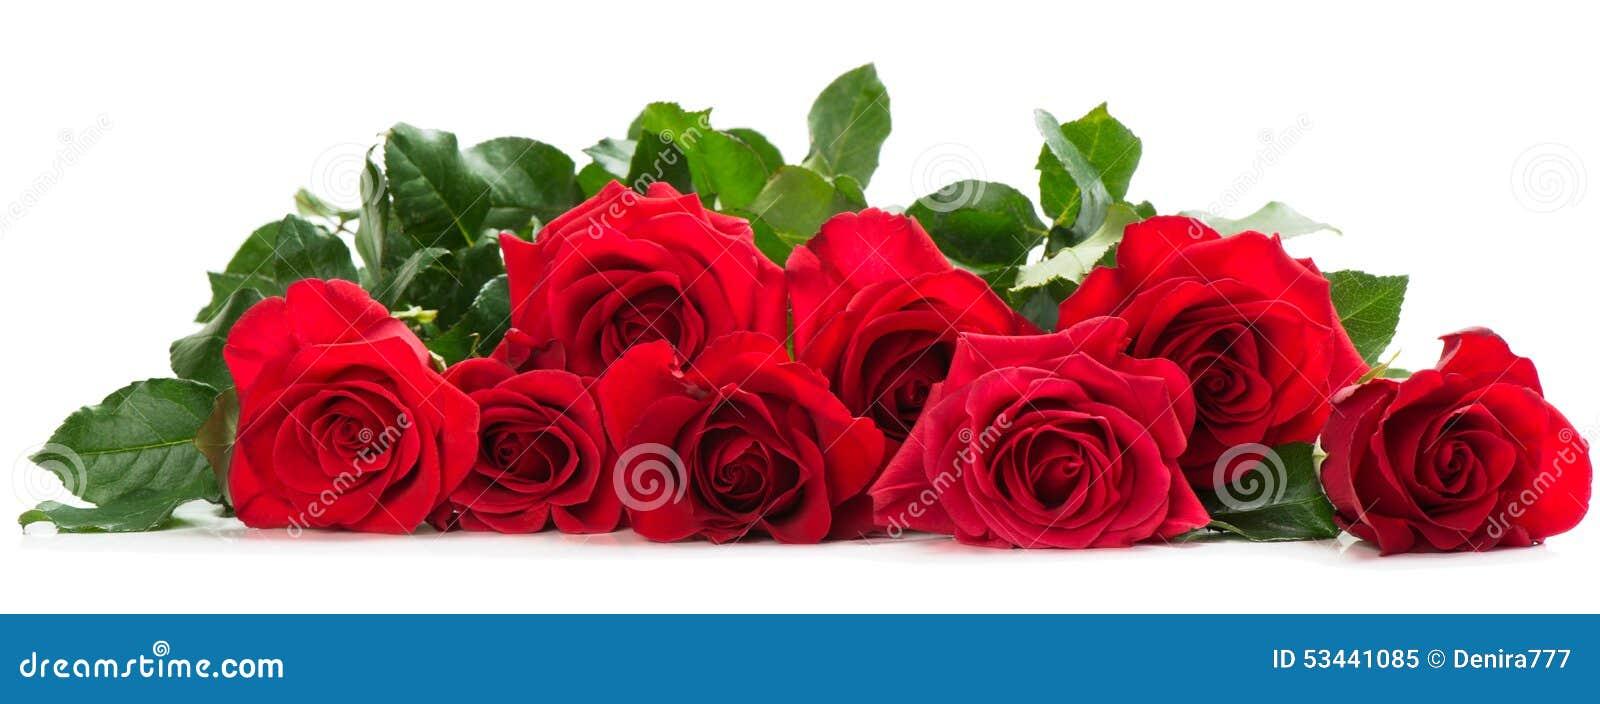 Poucas rosas vermelhas